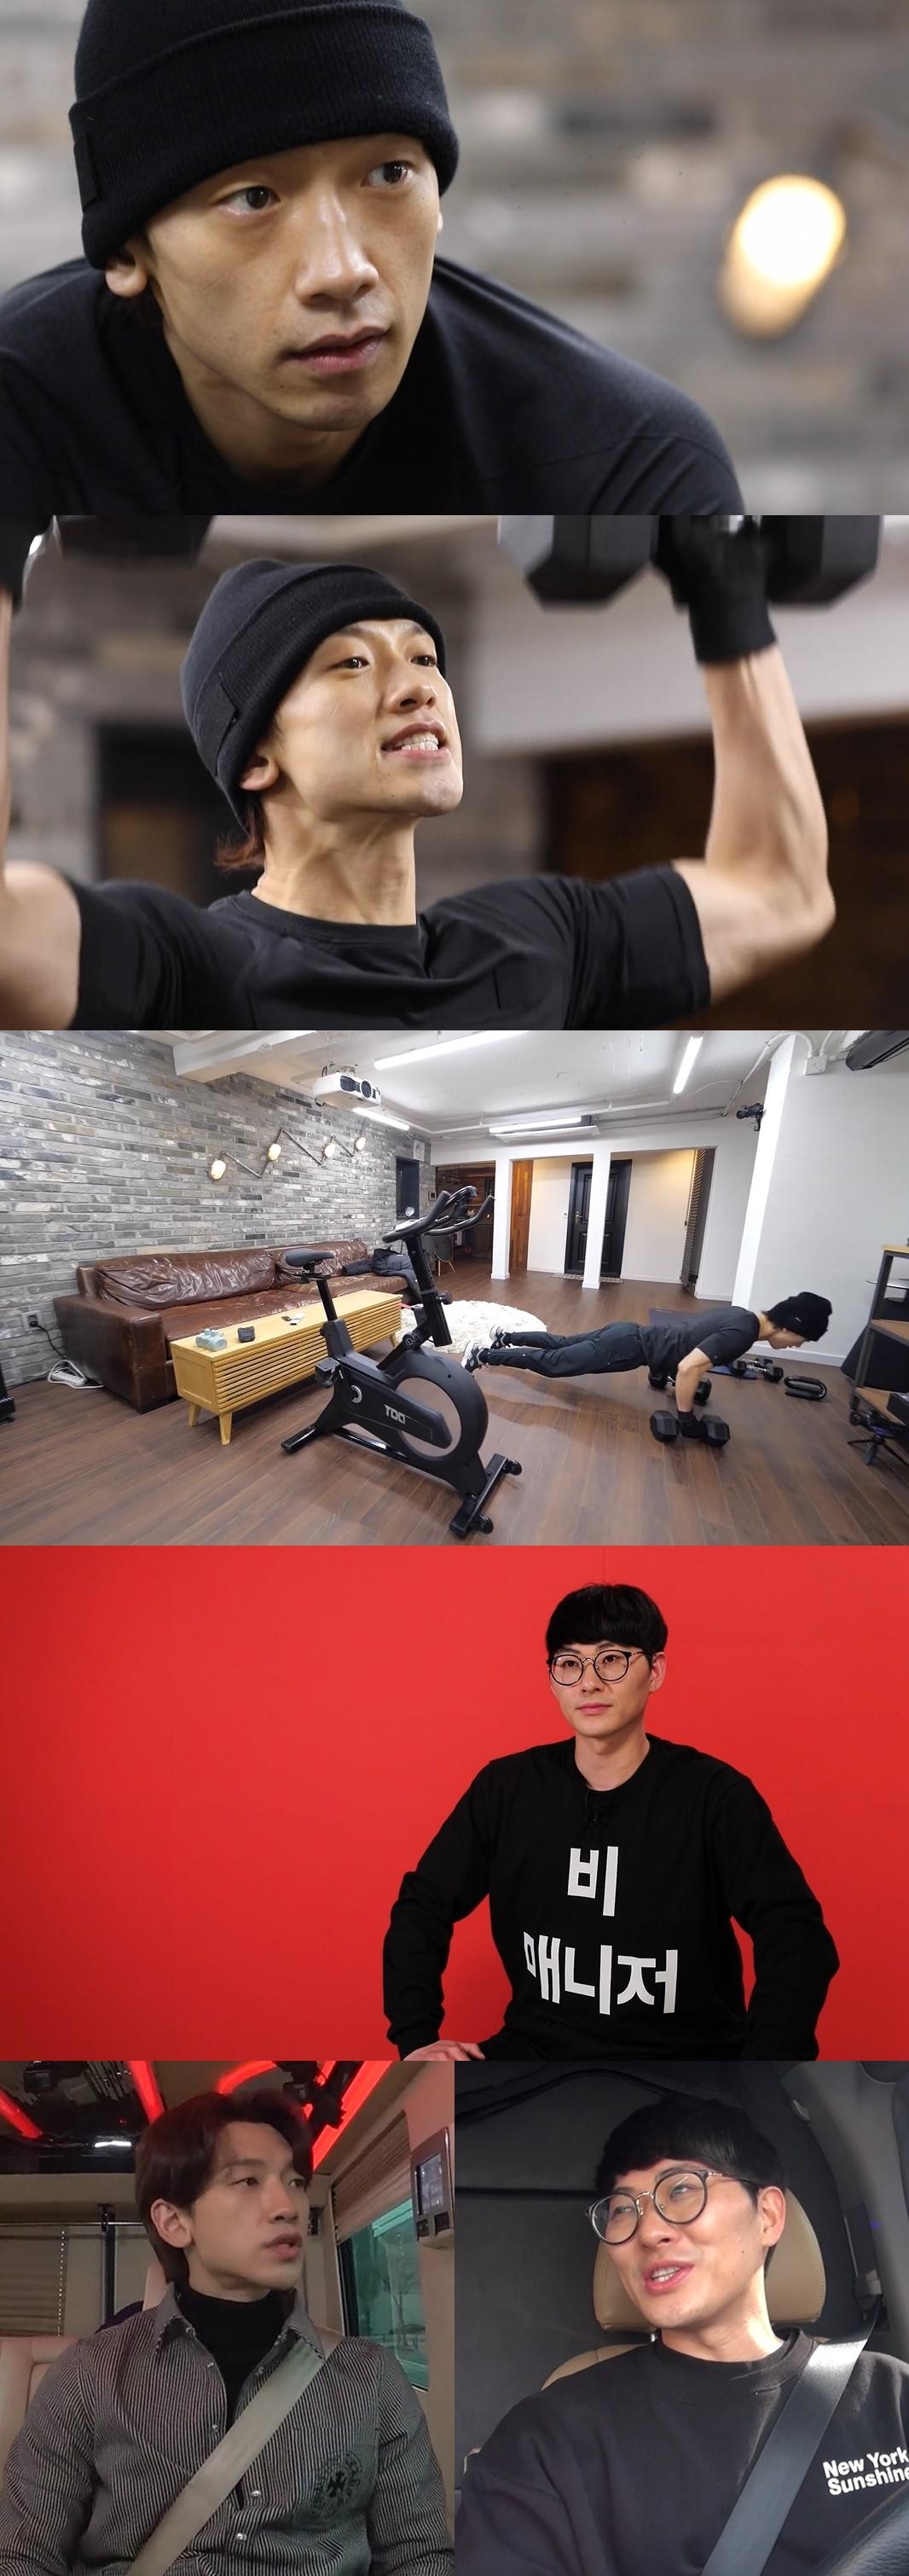 '전참시' 비, 원조 열정맨 일상...독특한 대화법→다이어트 루틴 공개